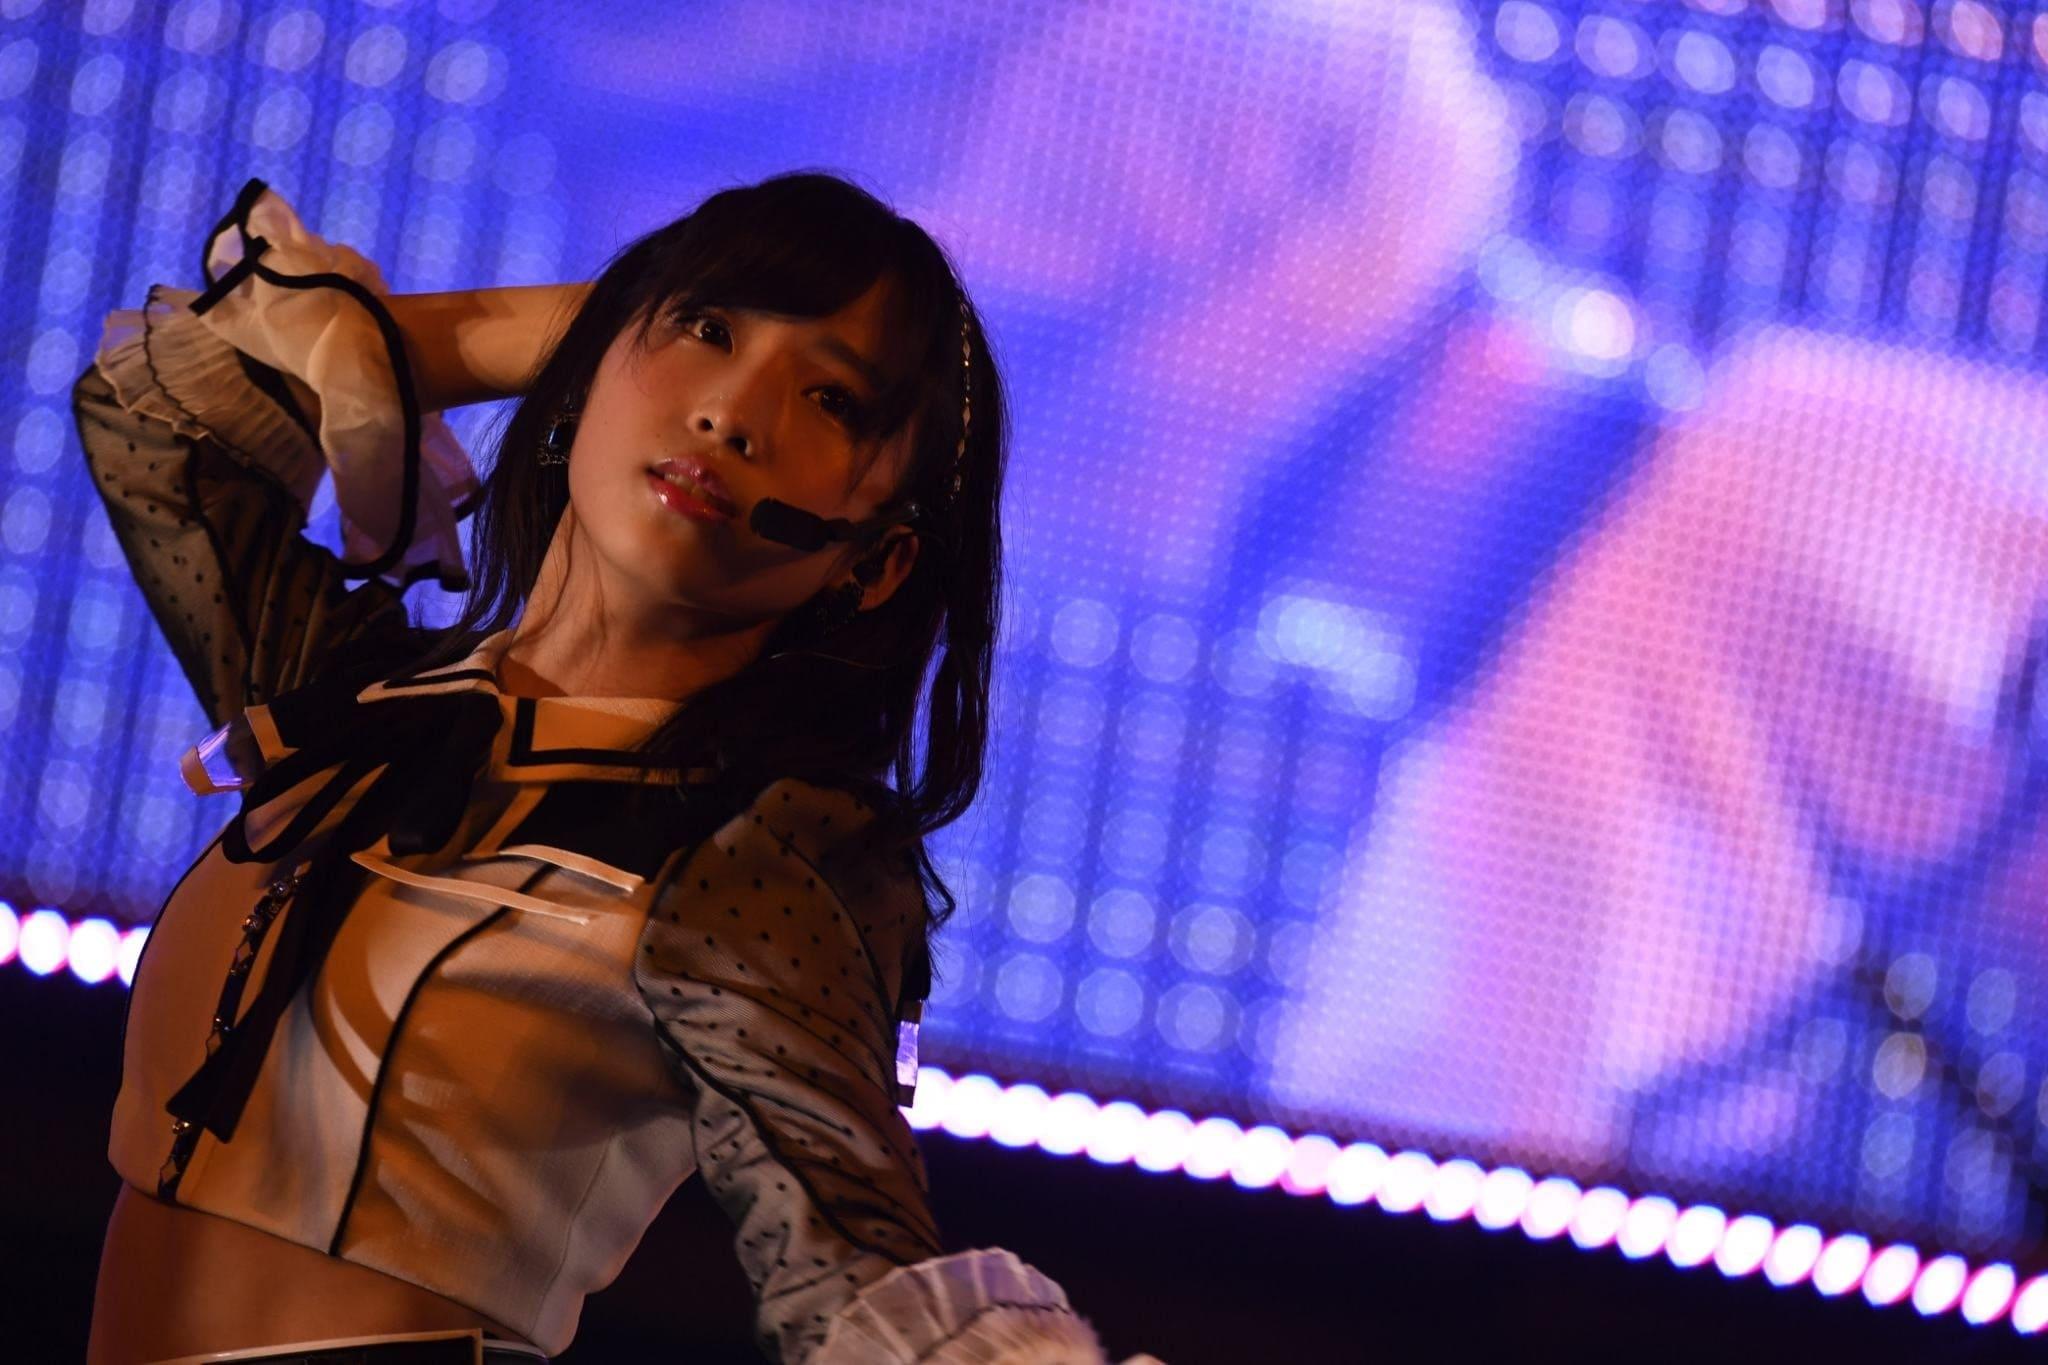 『AKB48単独コンサート~ジャーバージャって何?~』夜公演 (C)AKS